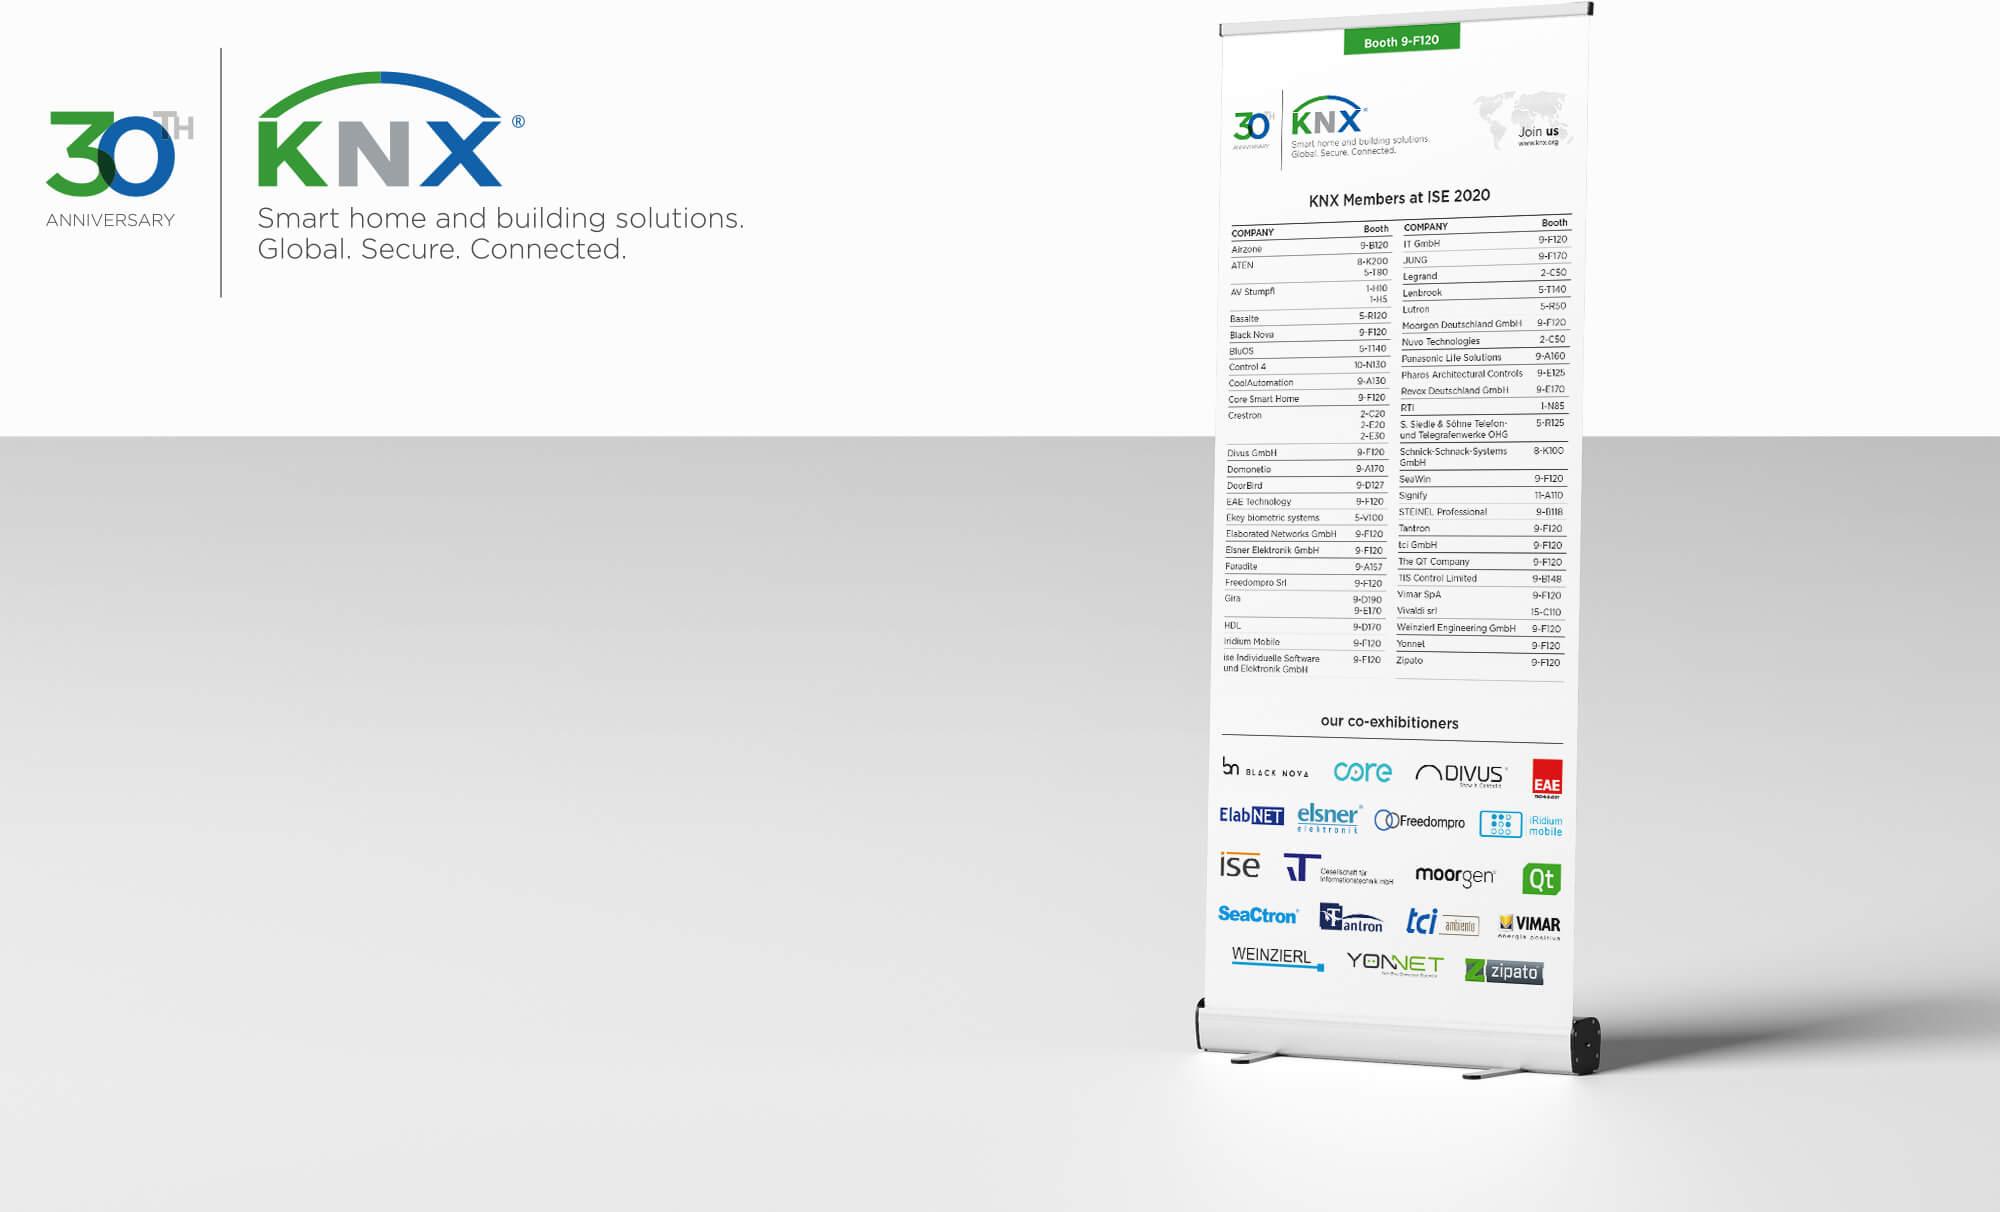 KNX Floor Planner Roll-Up-Aufsteller für die ISE 2020 Layout und Satz Druckvorlage